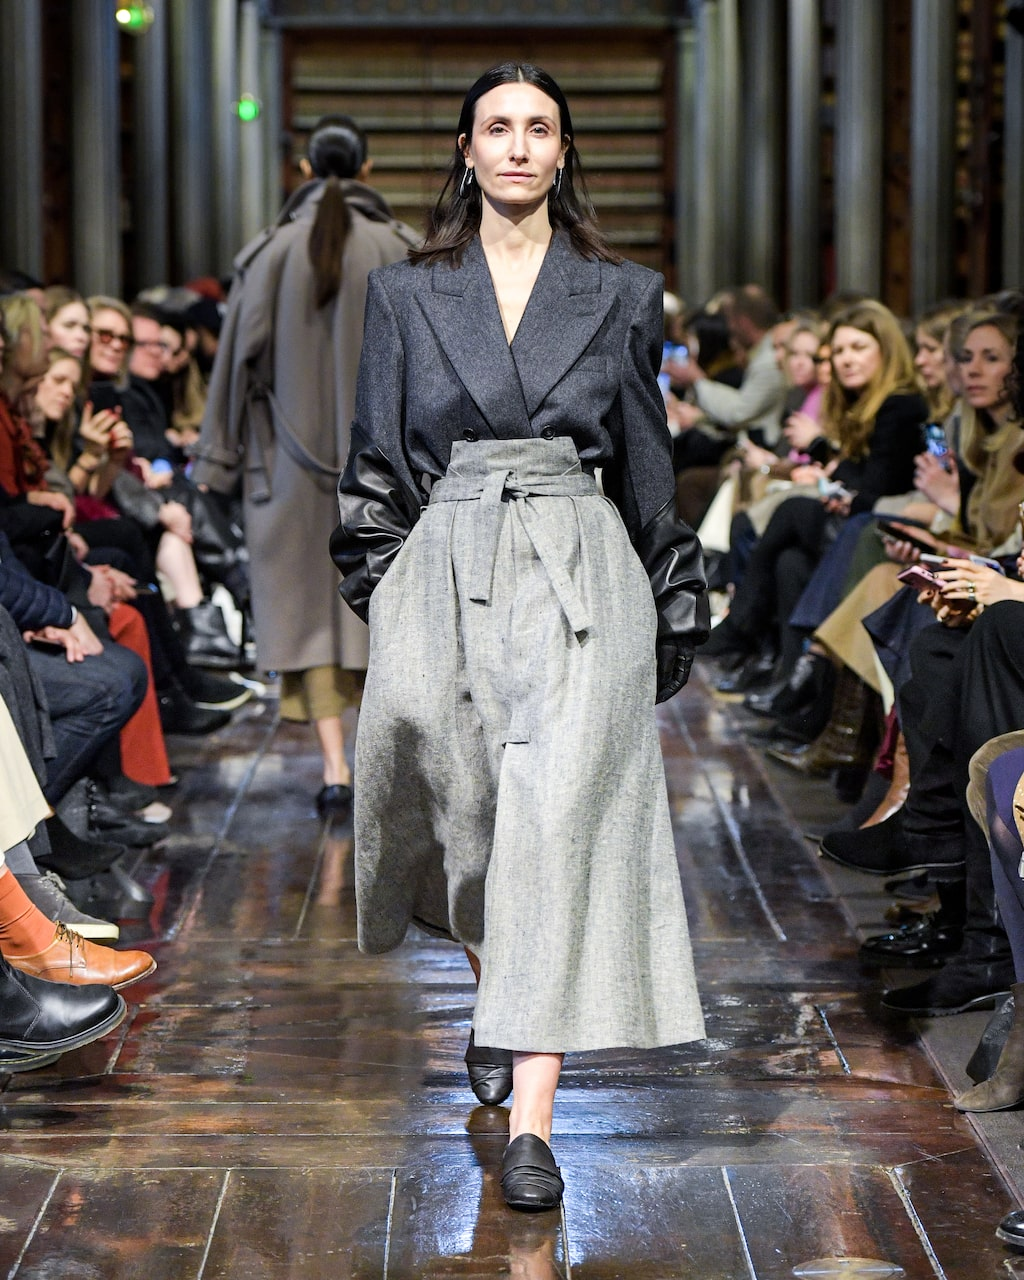 Höstmode 2020: kavaj och kjol hos Mark Kenly Domino Tan AW20.